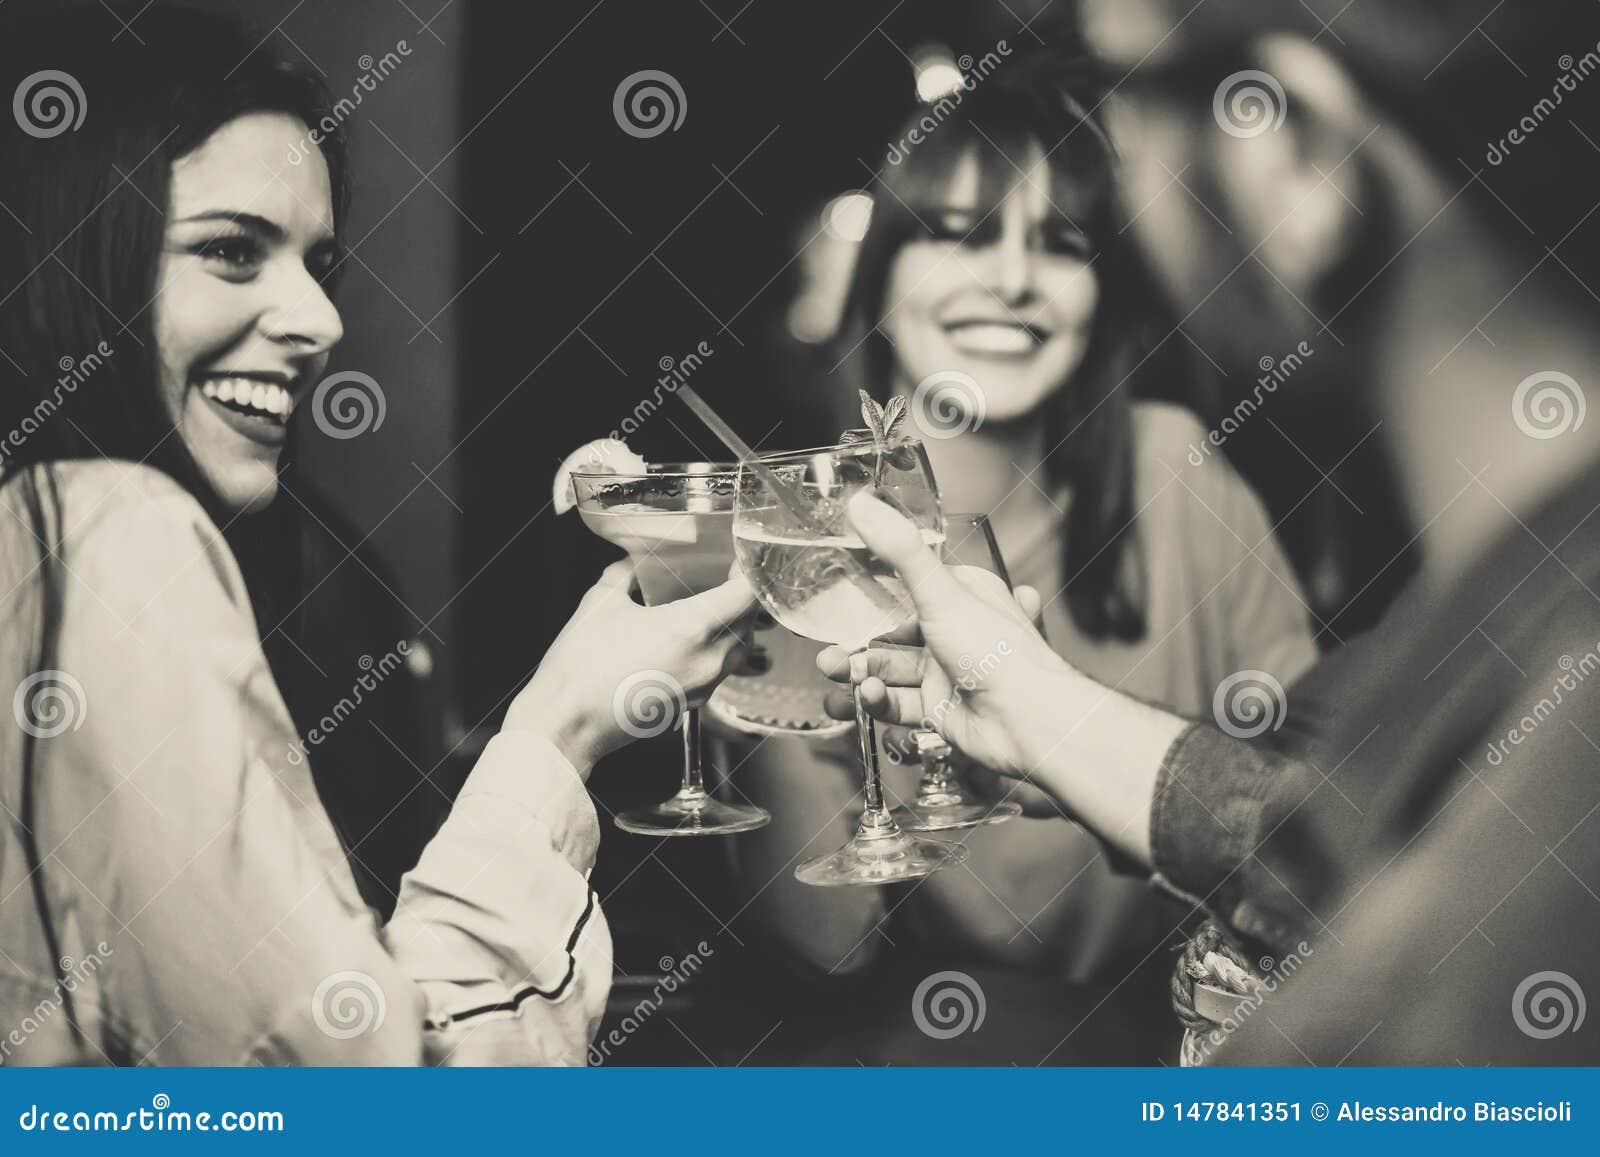 敬酒和欢呼鸡尾酒的愉快的年轻朋友在迪斯科酒吧-获得多种族的人民享受饮料的乐趣在俱乐部